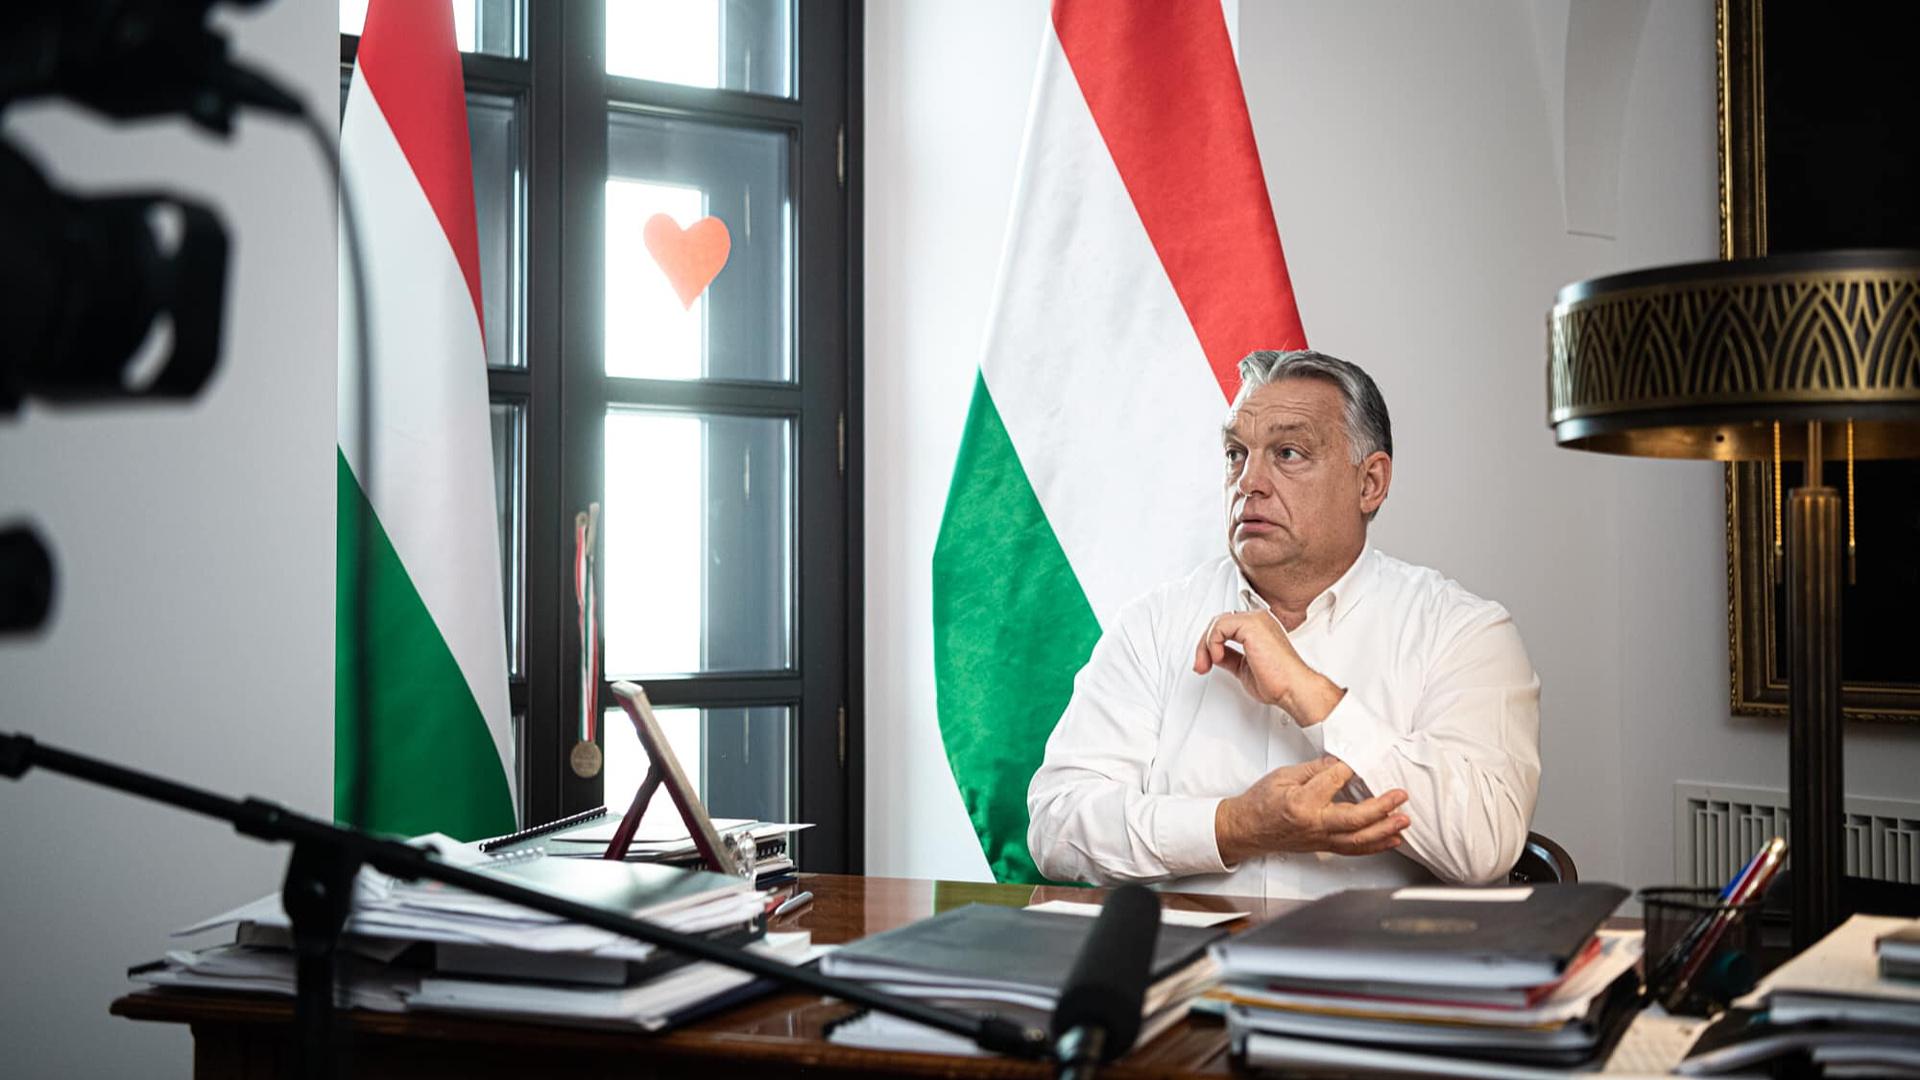 Kemény szigorításokat jelentett be Orbán Viktor, minden rendezvényt betiltanak